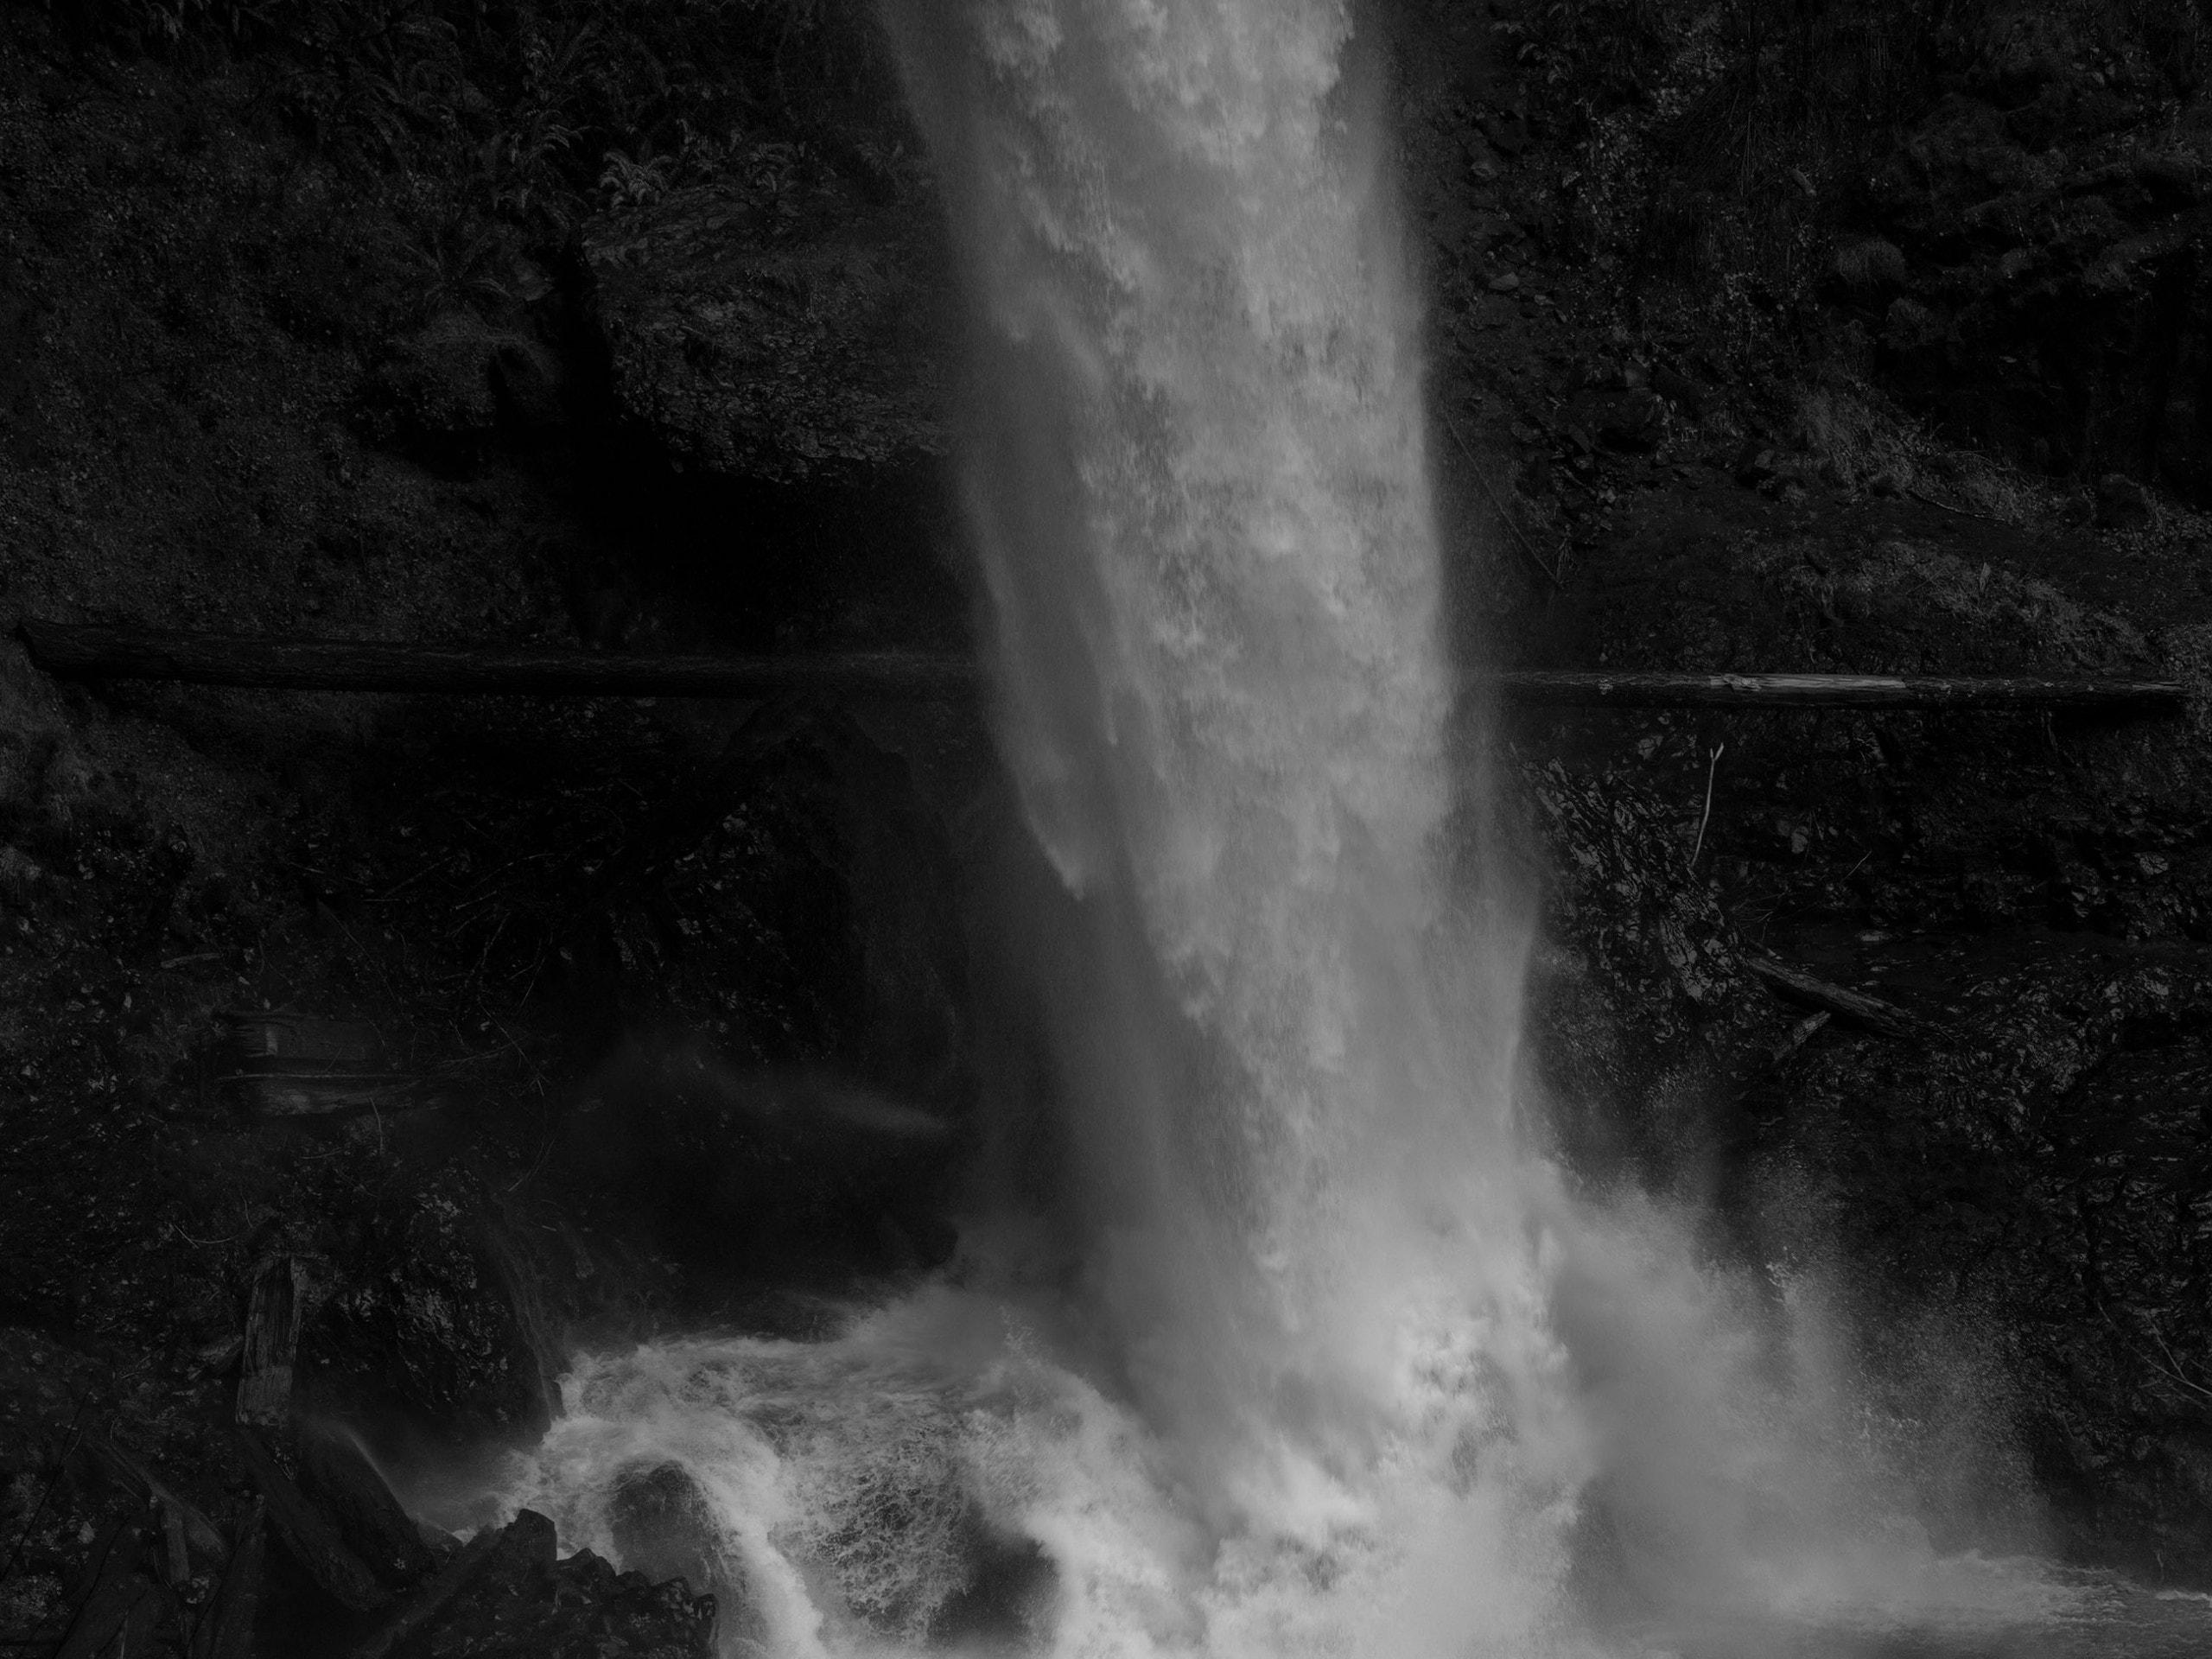 waterfall_042_42x56